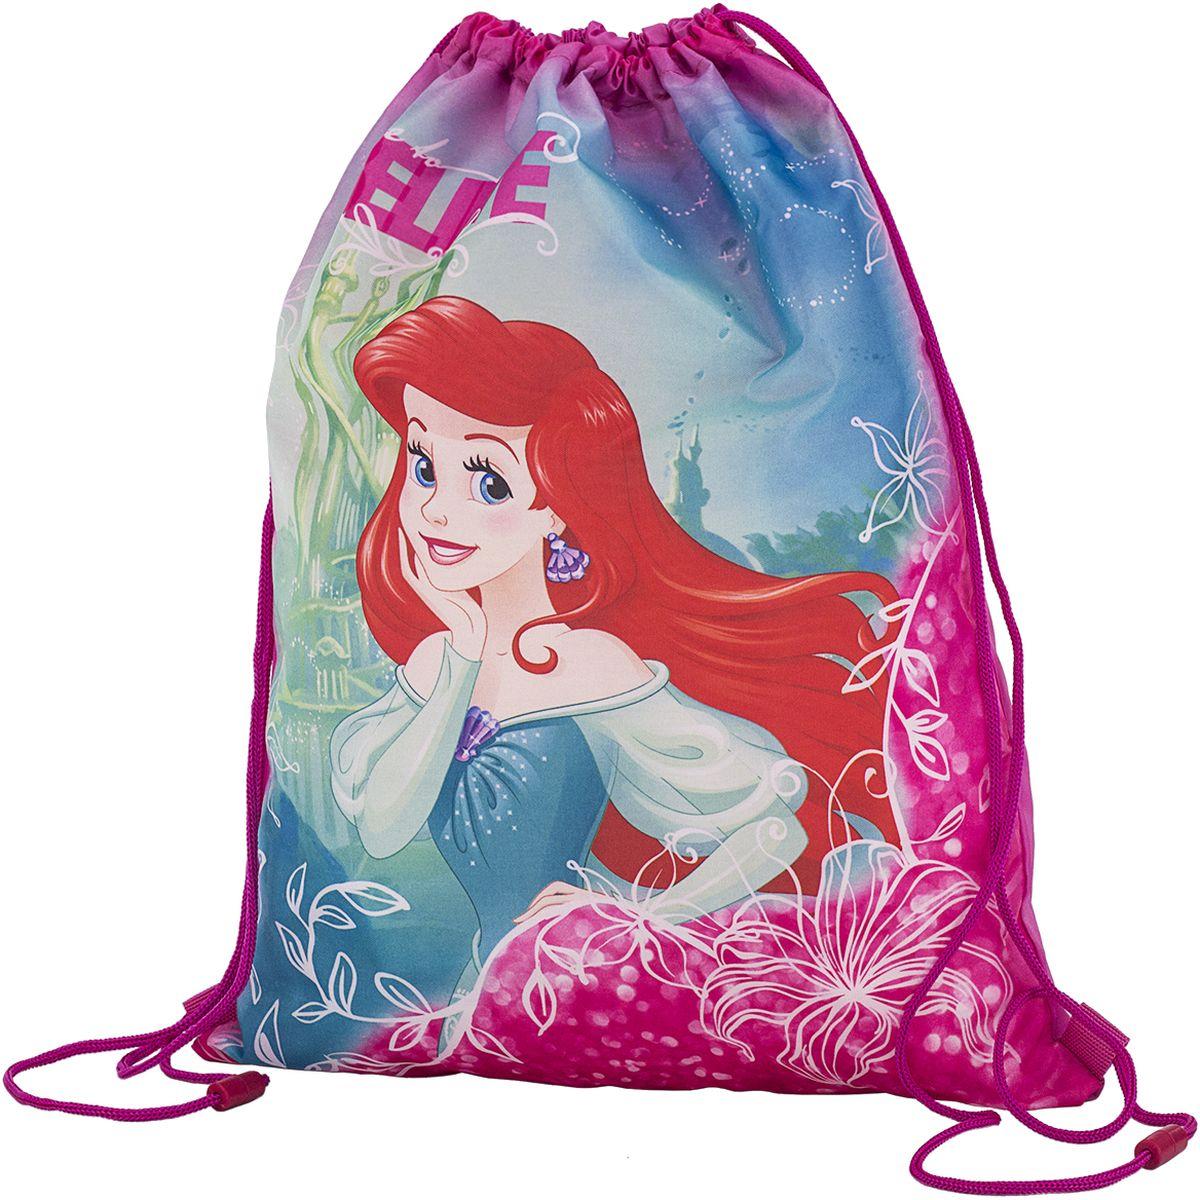 Disney Princess Сумка для сменной обуви PREB-MT1-883PREB-MT1-883Мешок для переноски обуви, выполнен из плотного водостойкого материала, затягивается сверху шнуром-лямкой и носится, как рюкзак. Размер 43 х 34 х 1 см.